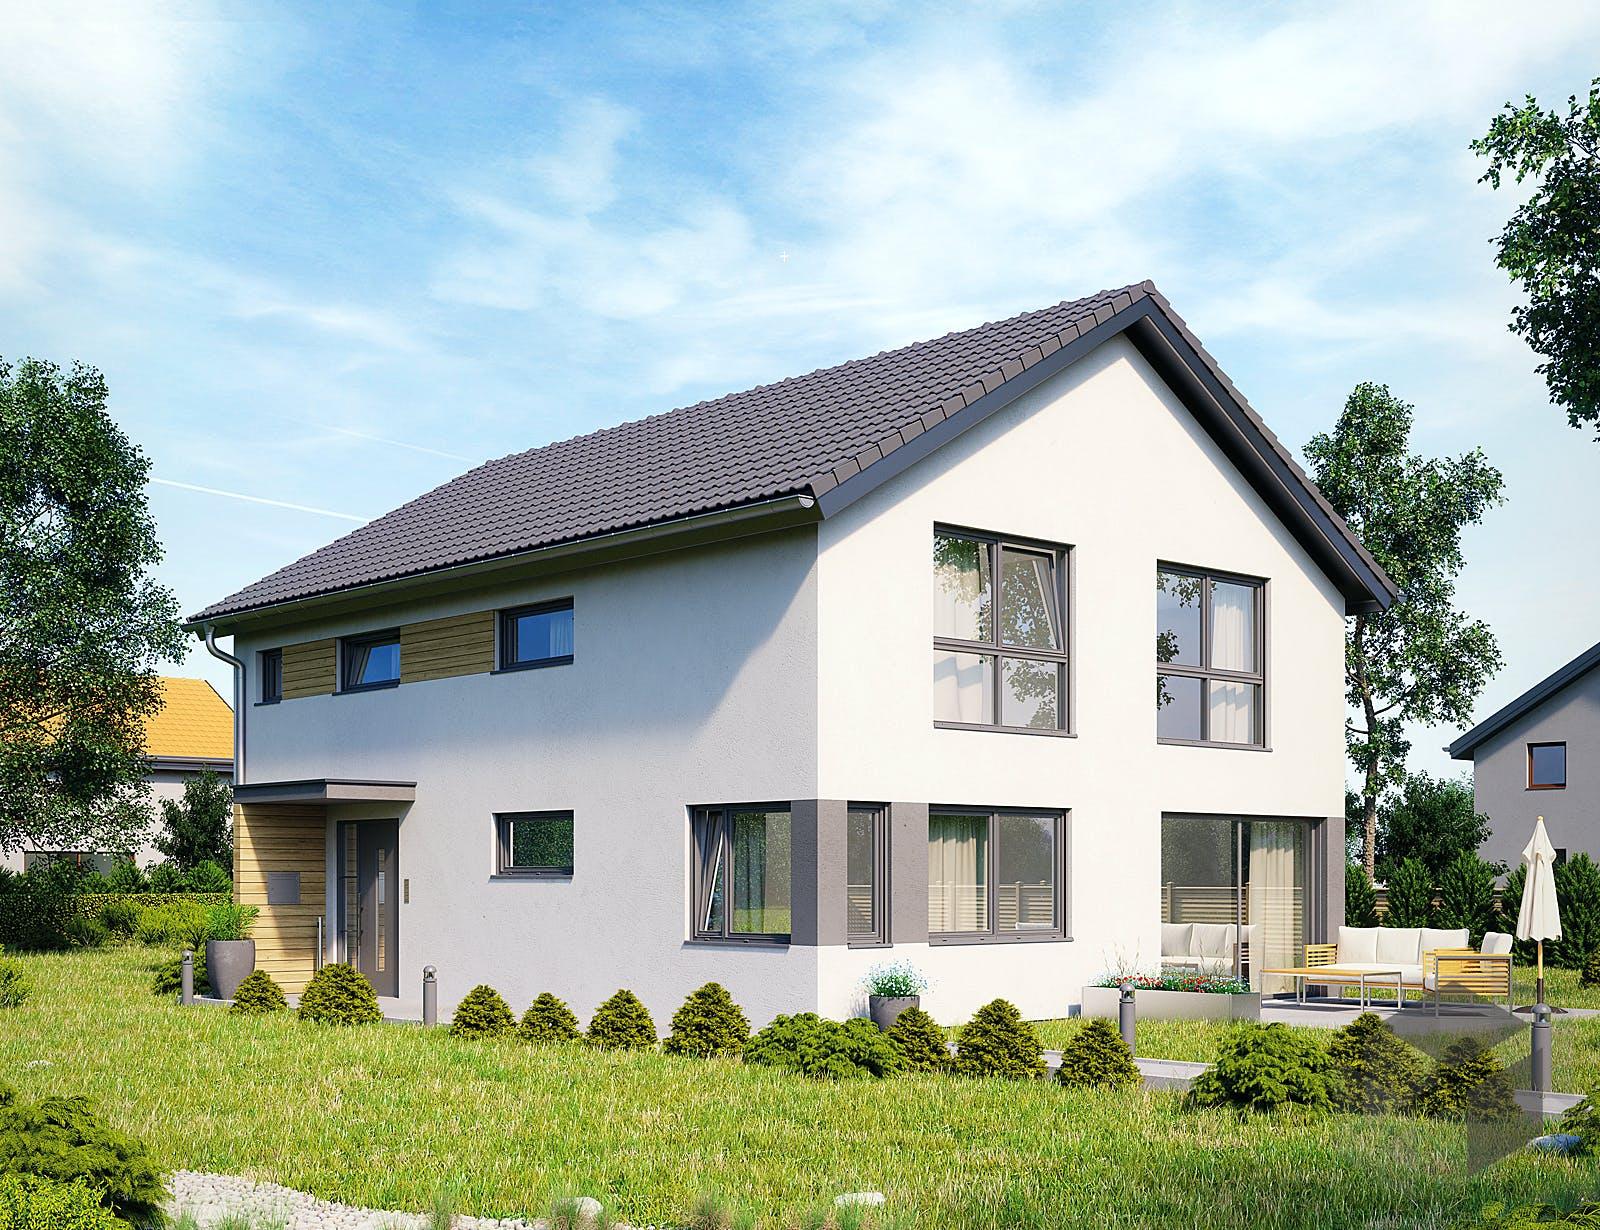 Hanse Haus Variant : einfamilienhaus variant 25 198 von hanse haus ~ Yuntae.com Dekorationen Ideen